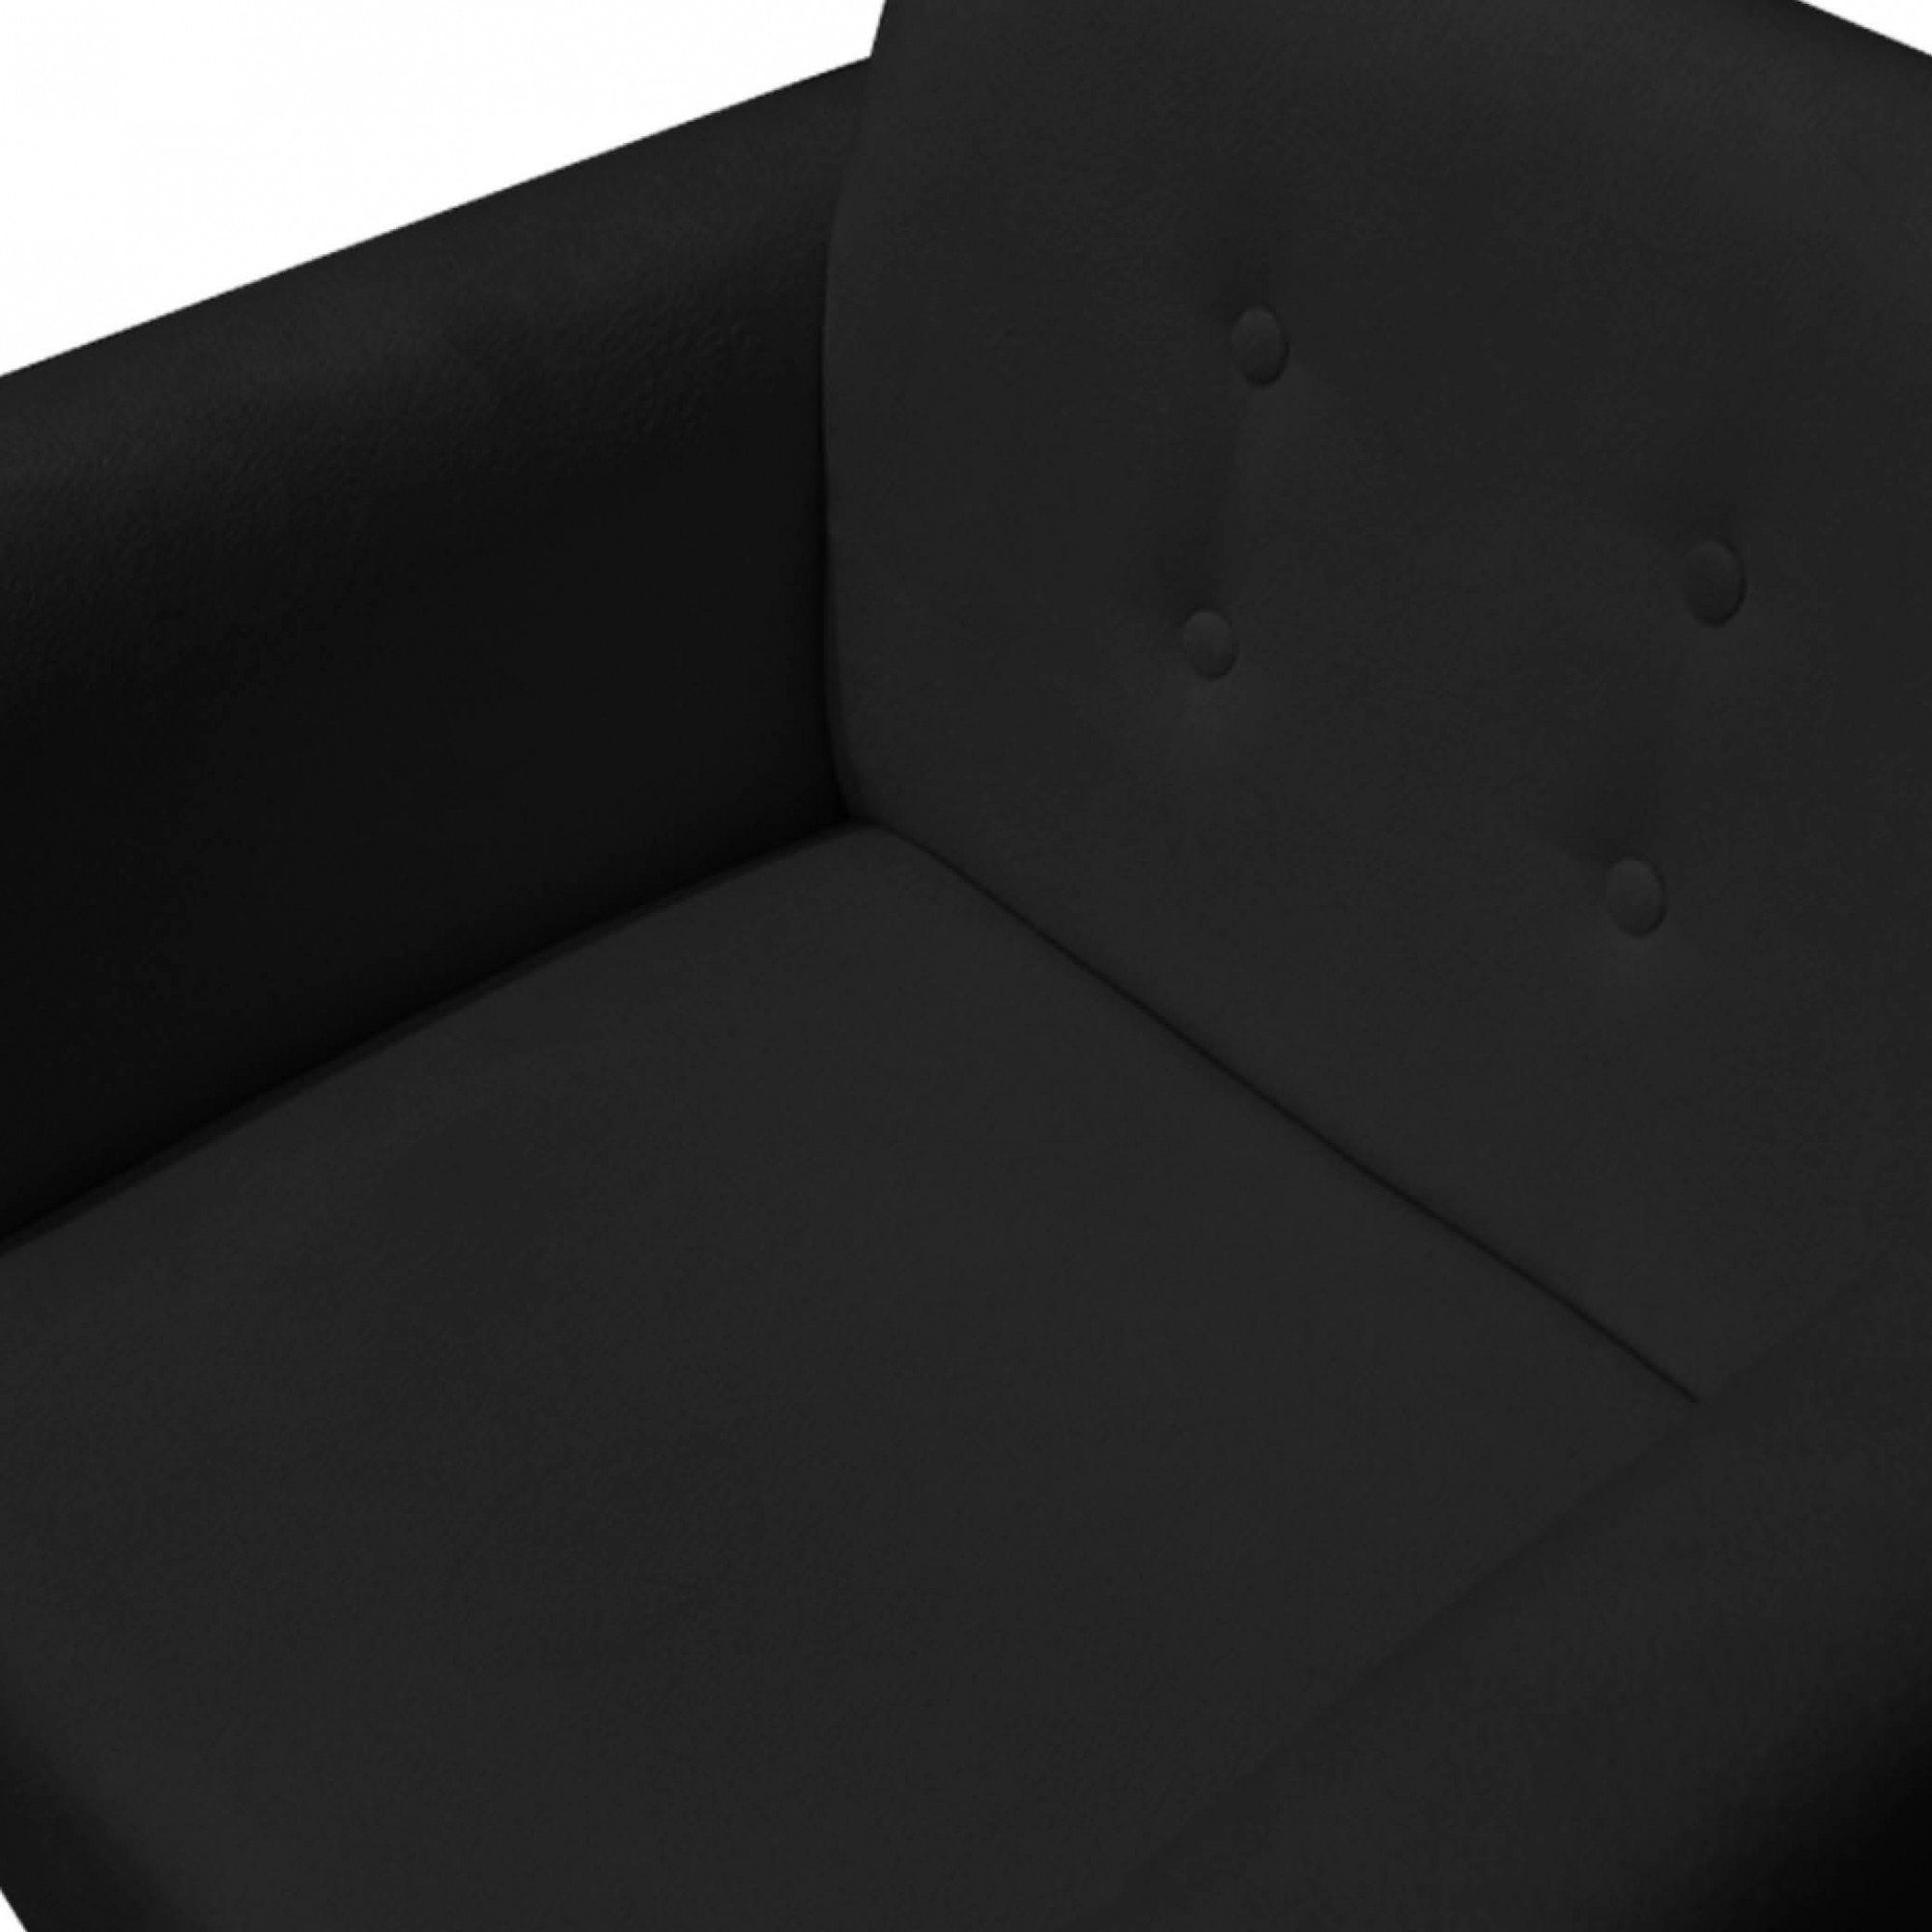 Poltrona Duda Decorativa Sala de Estar Recepção Pé Palito Suede Preto D11 - D´Classe Decor